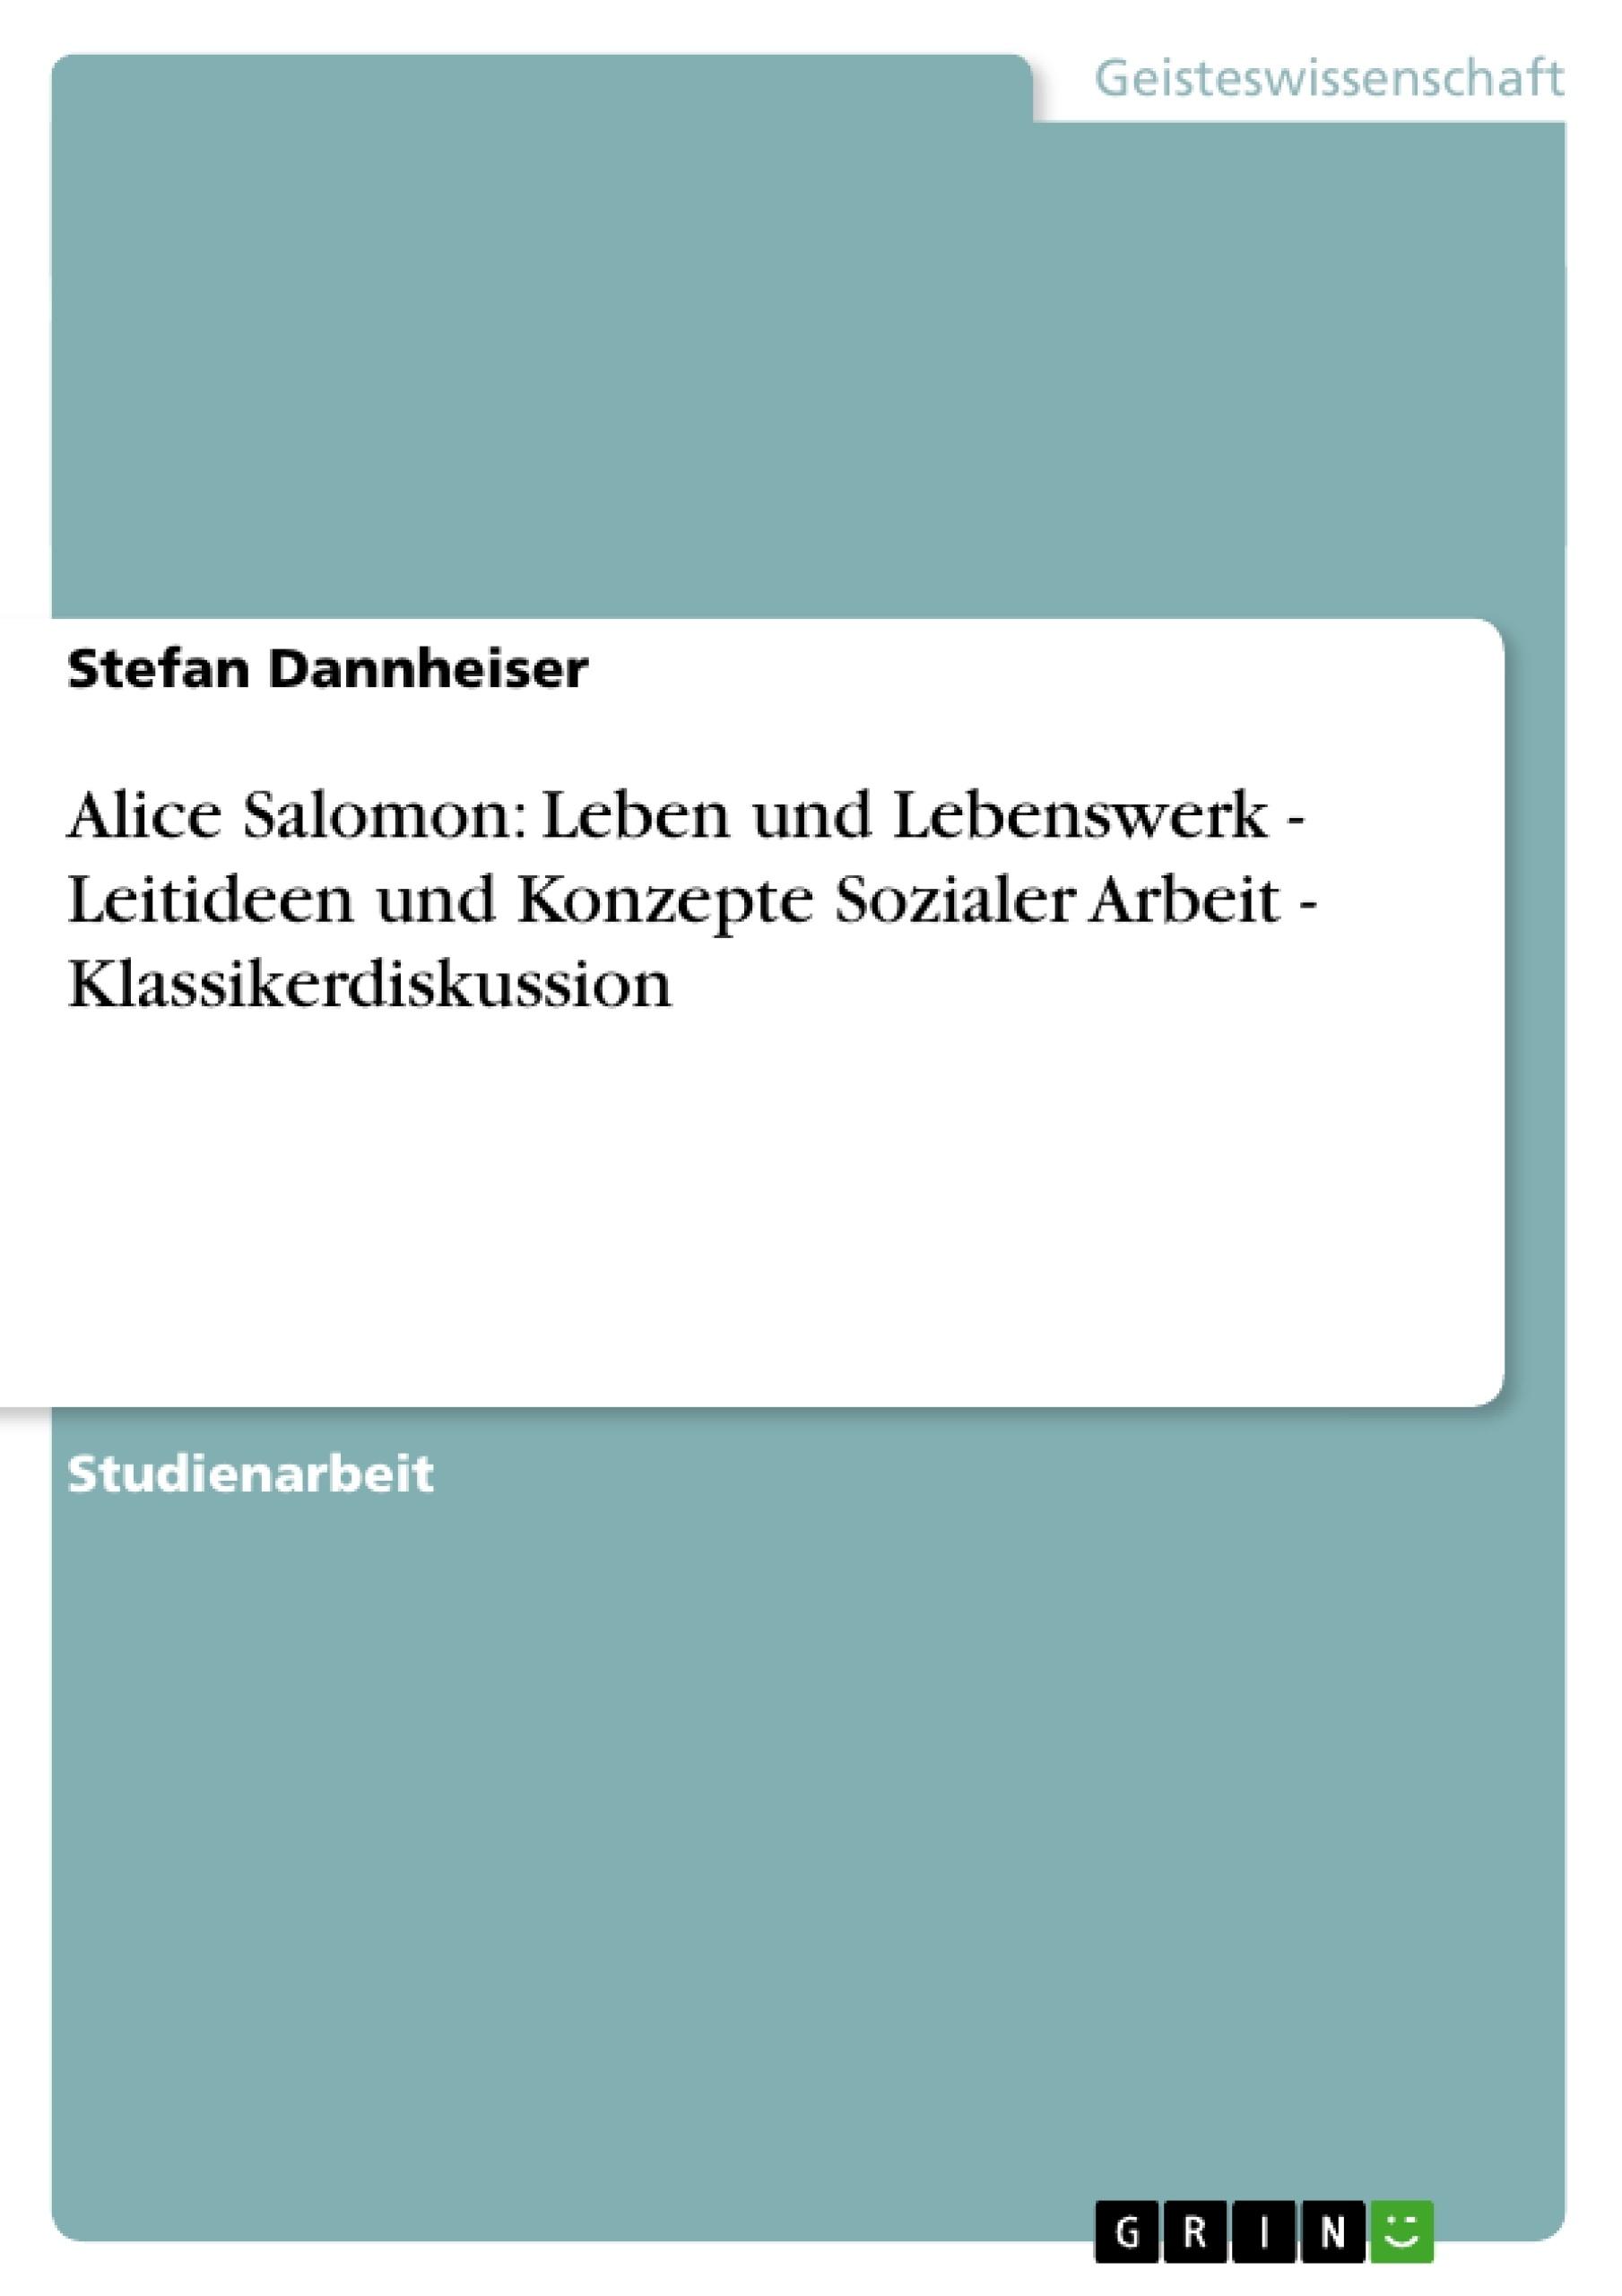 Titel: Alice Salomon: Leben und Lebenswerk - Leitideen und Konzepte Sozialer Arbeit - Klassikerdiskussion